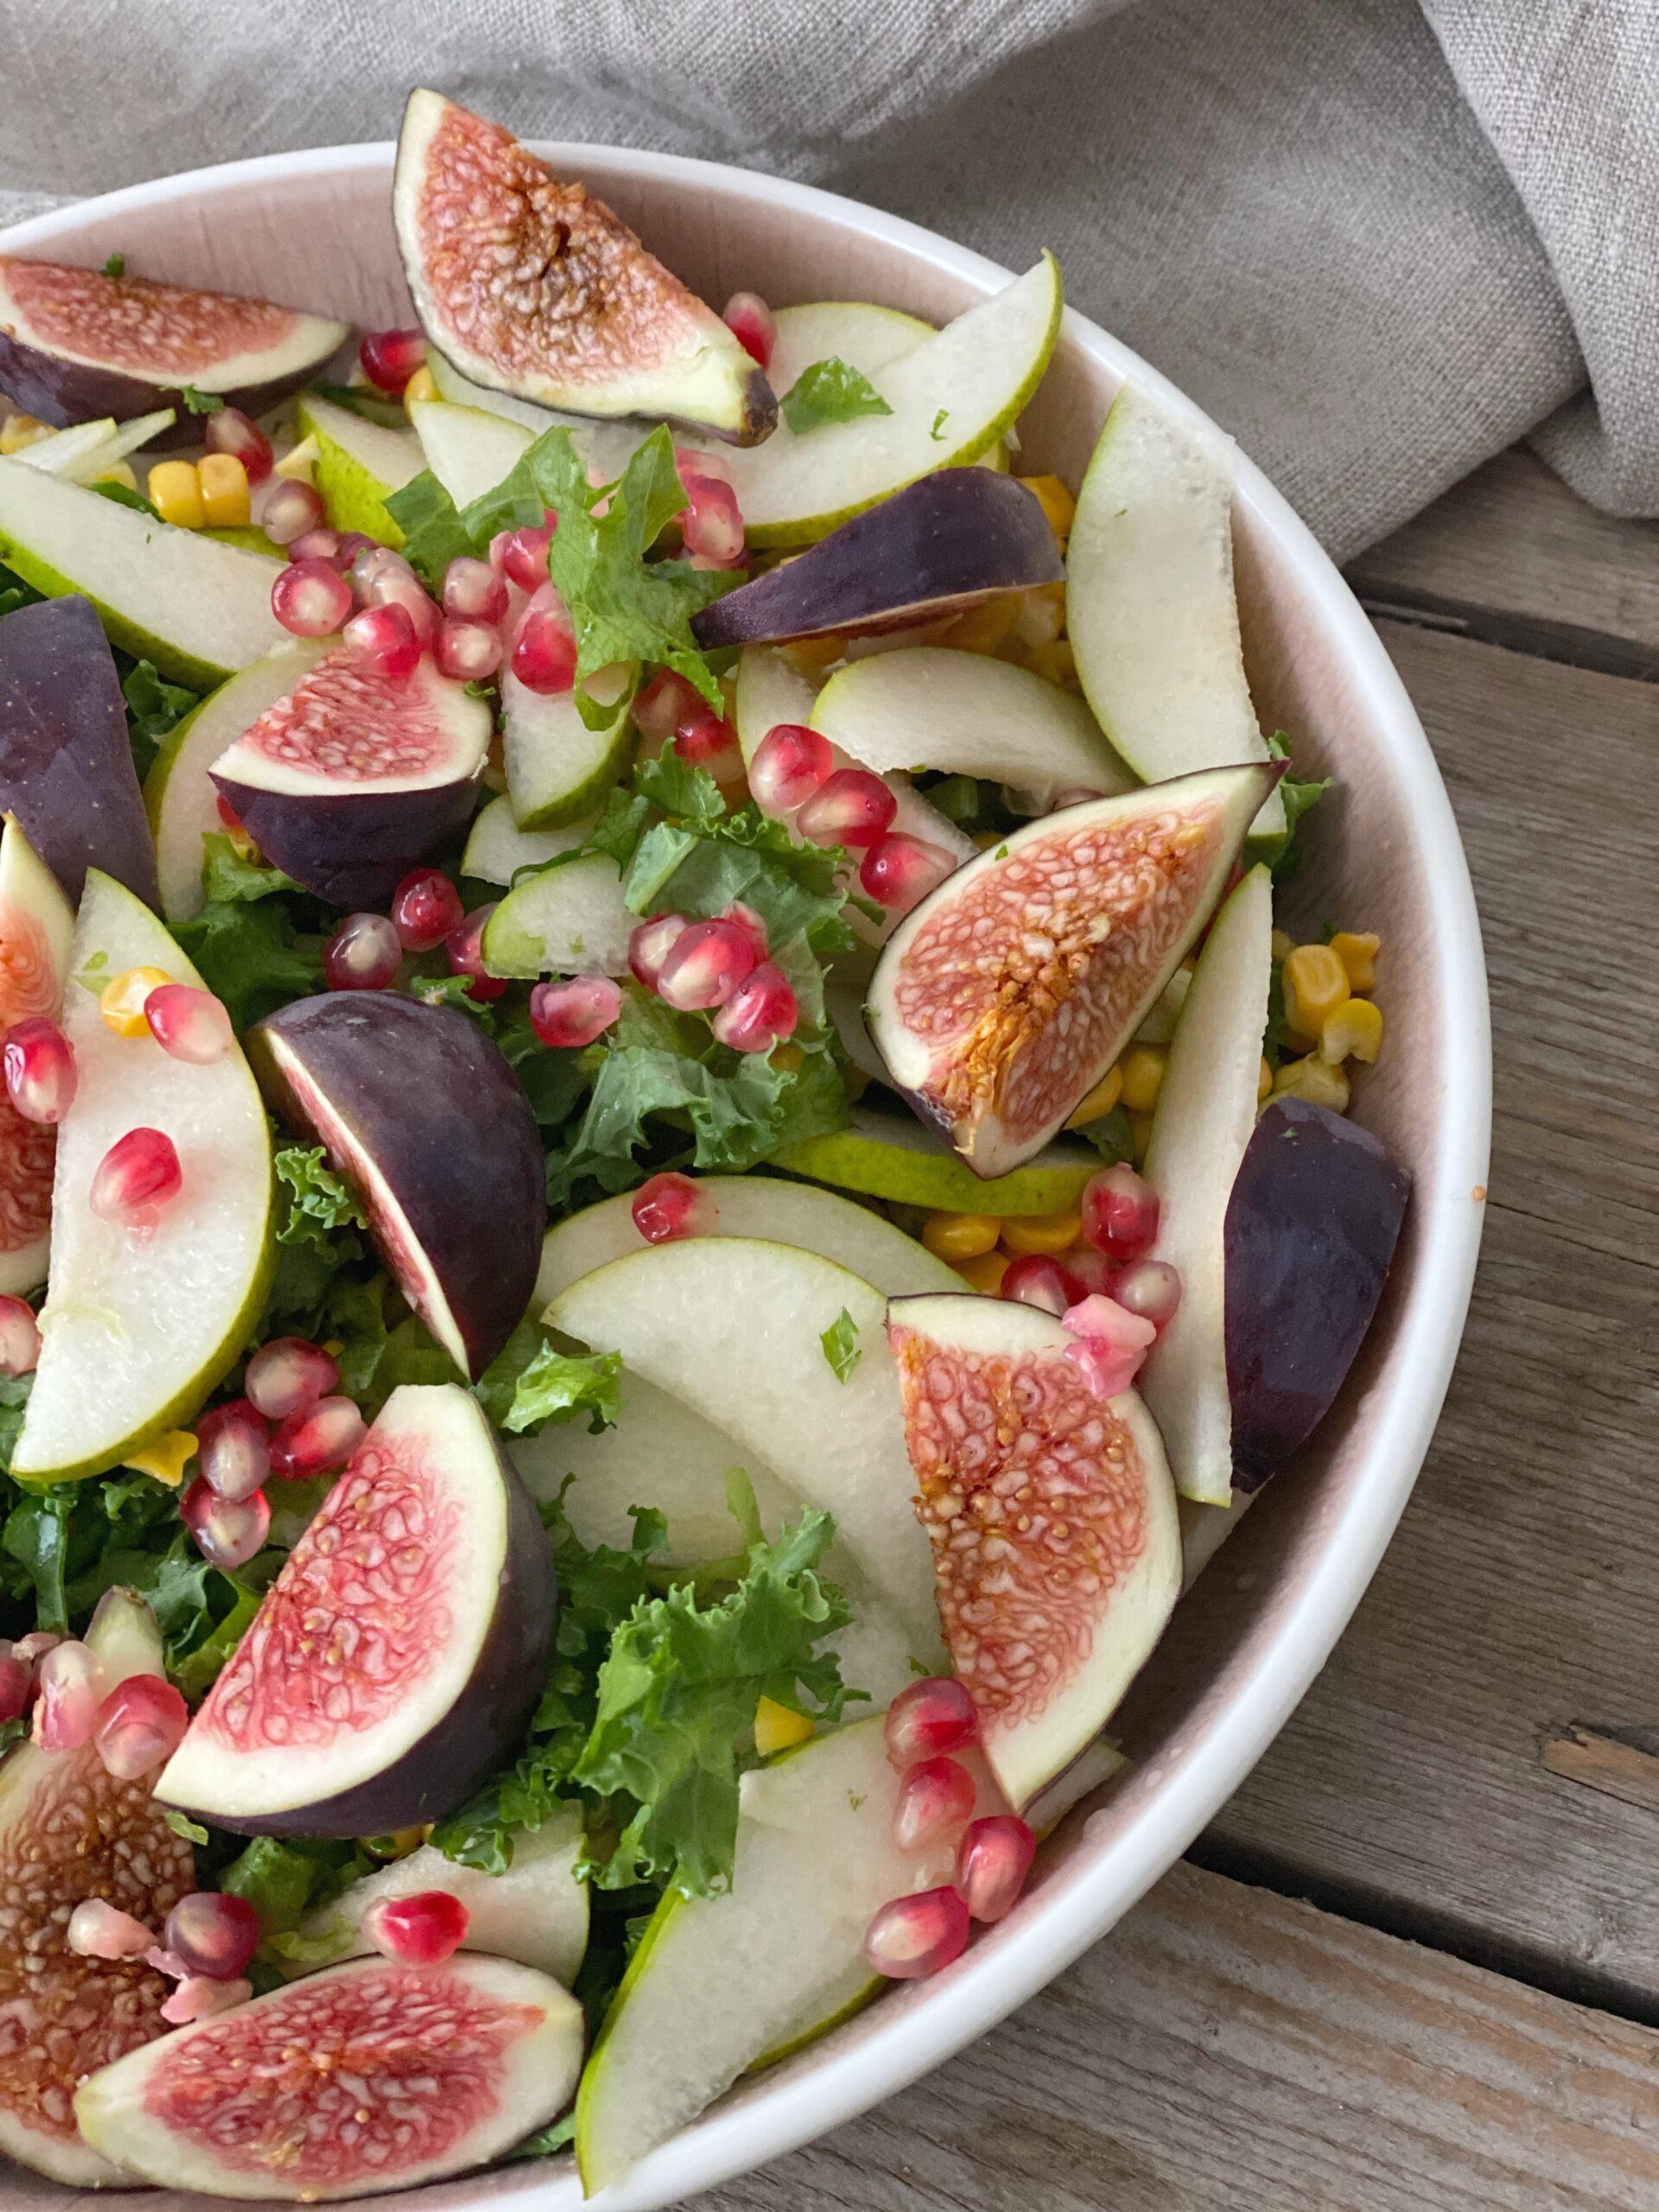 Crispy salat med pære og figner